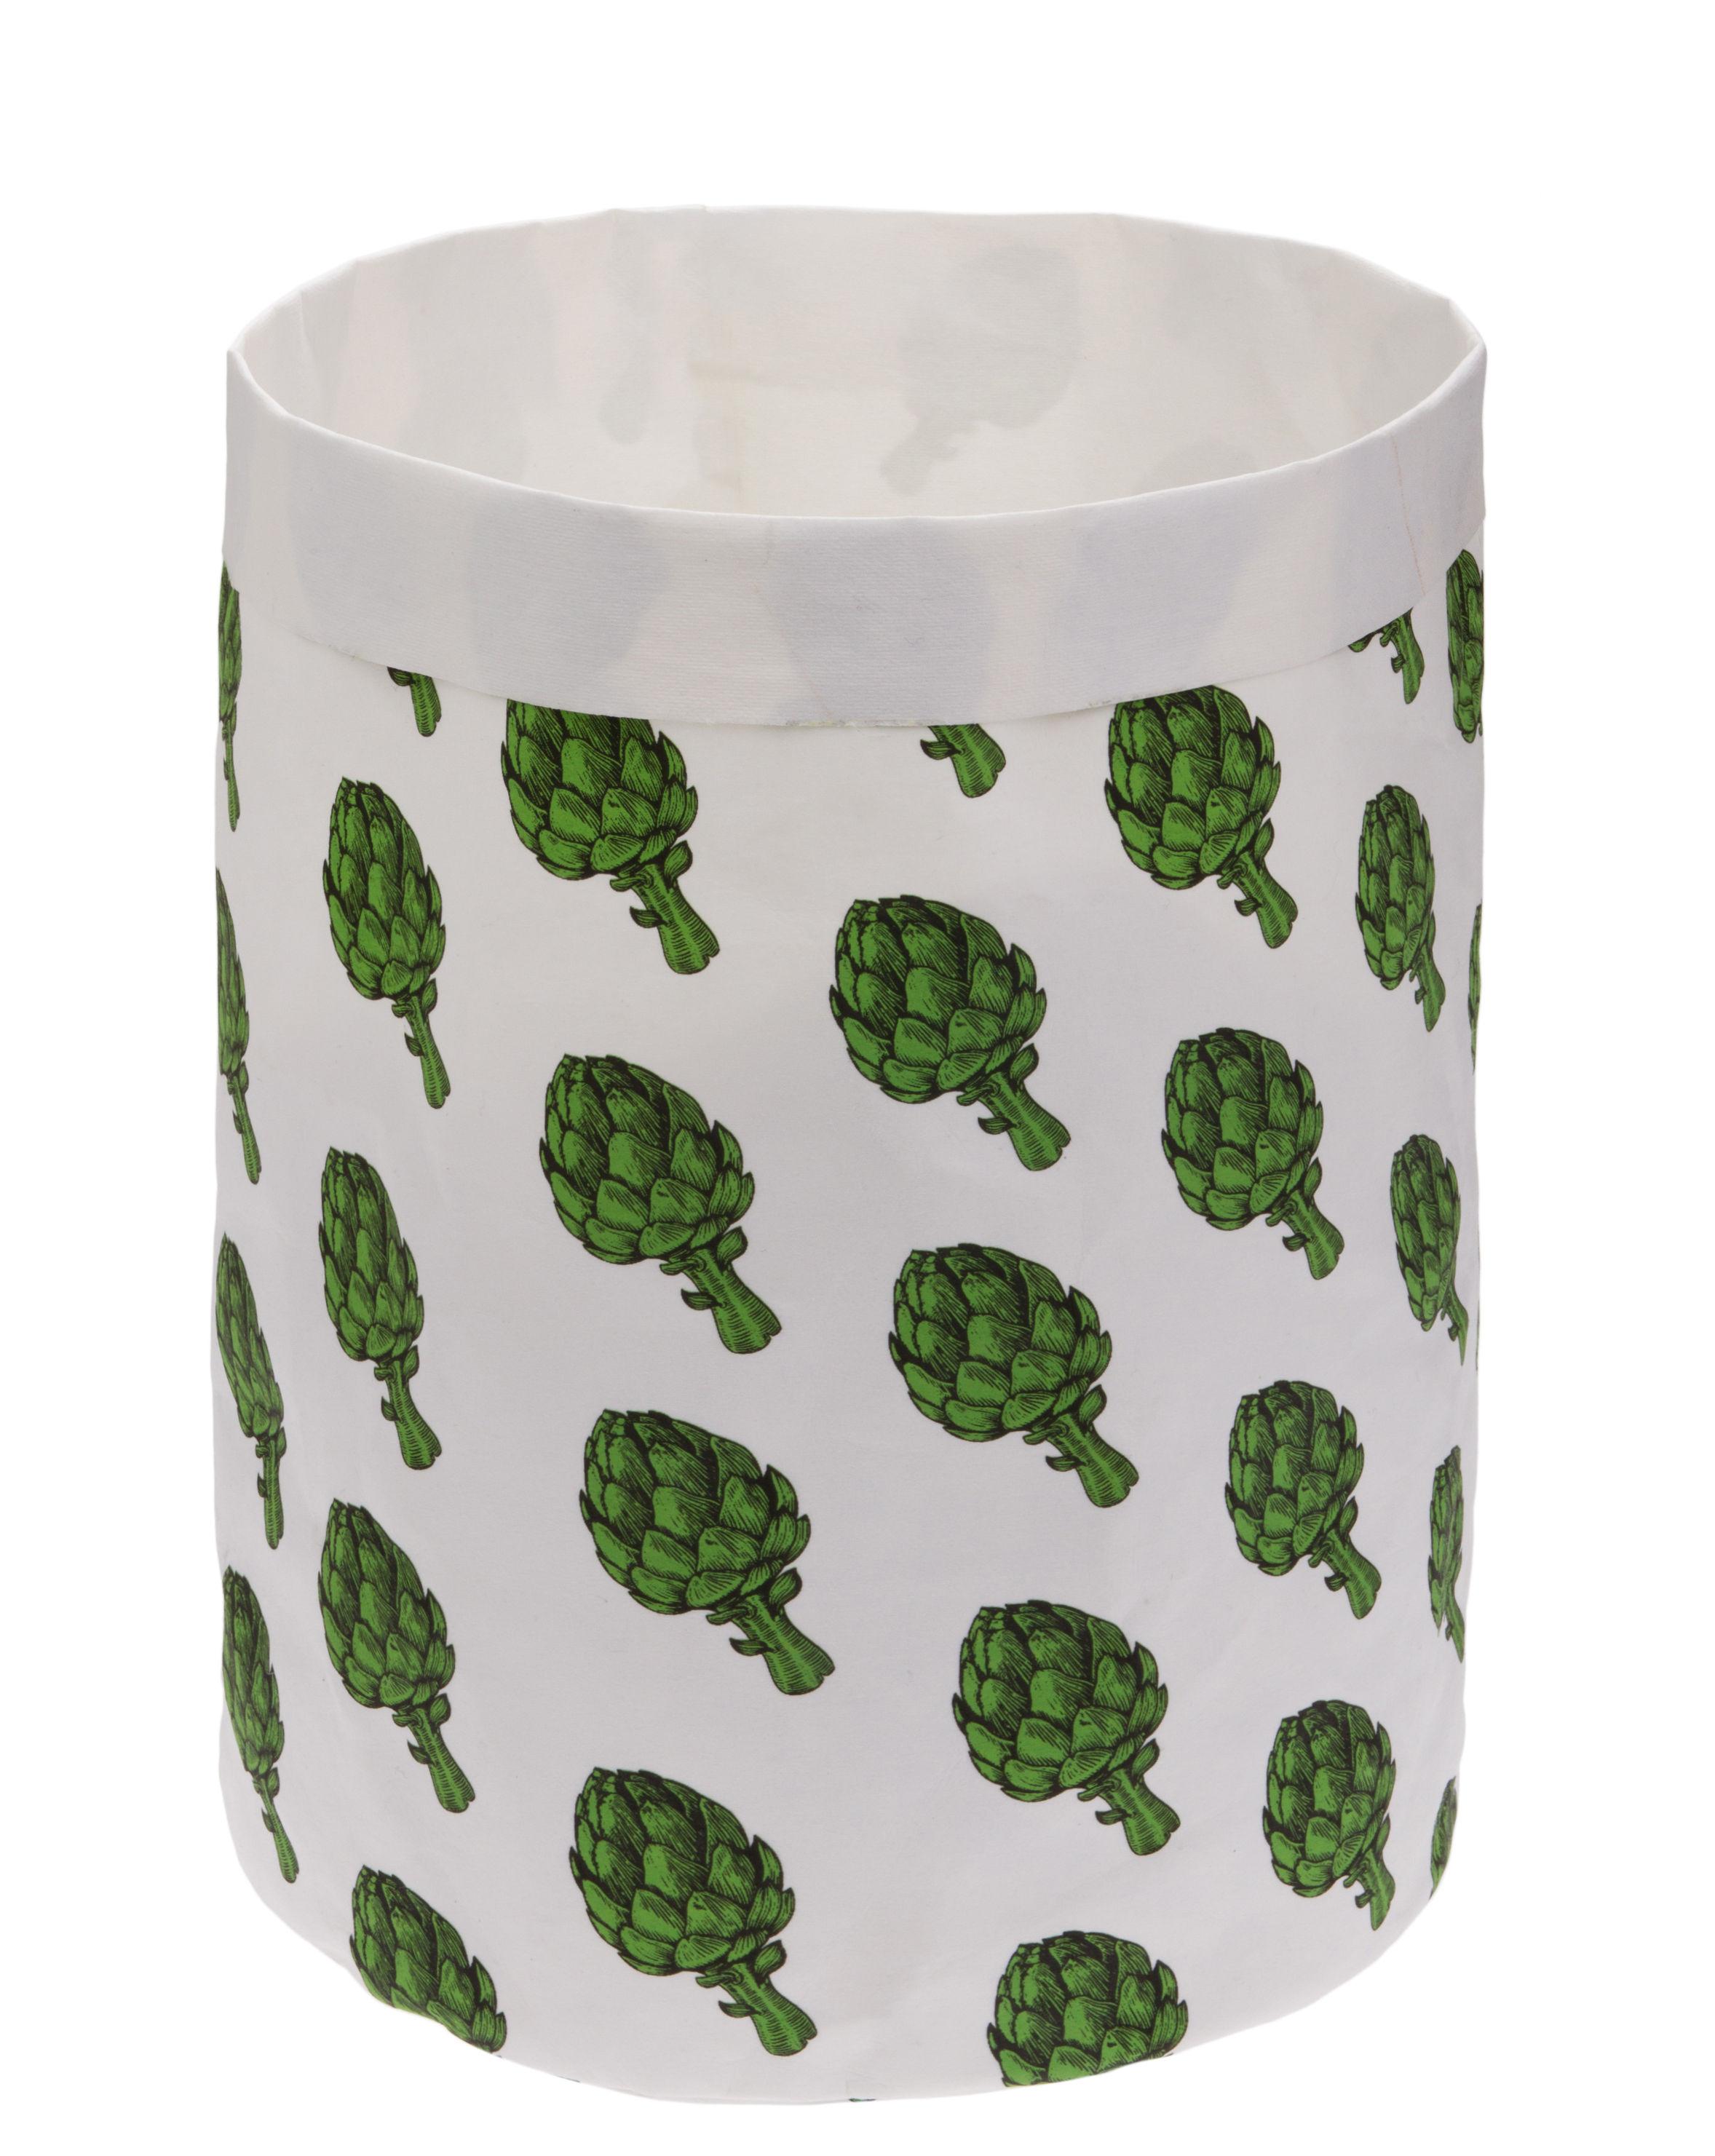 Decoration - Centrepieces & Centrepiece Bowls - Arti Show Basket - Washable paper / Ø 20 x H 30 cm by Gangzaï design - White & green - Washable kraft paper